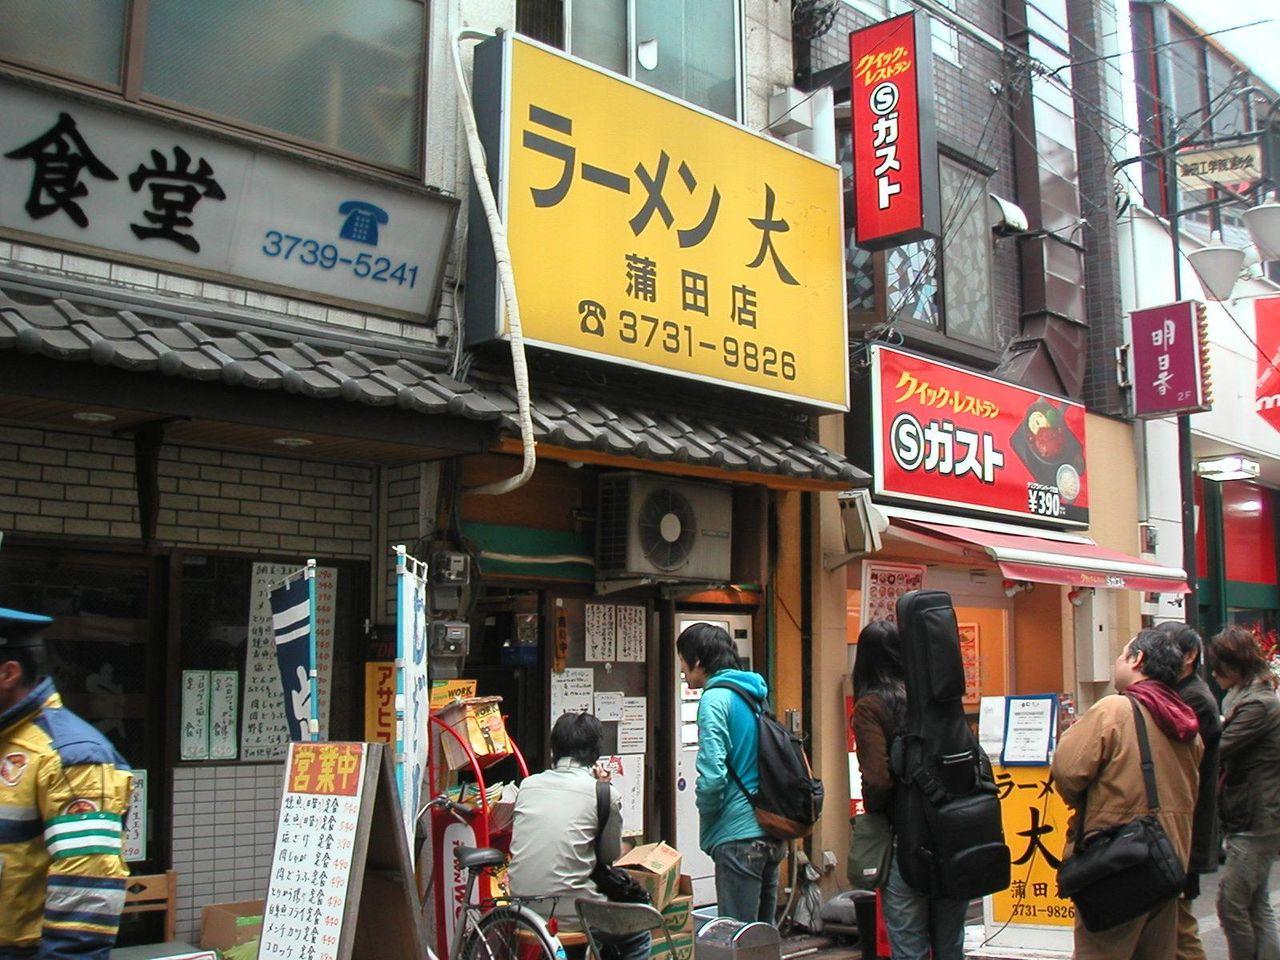 行列のできるデカ盛り店。